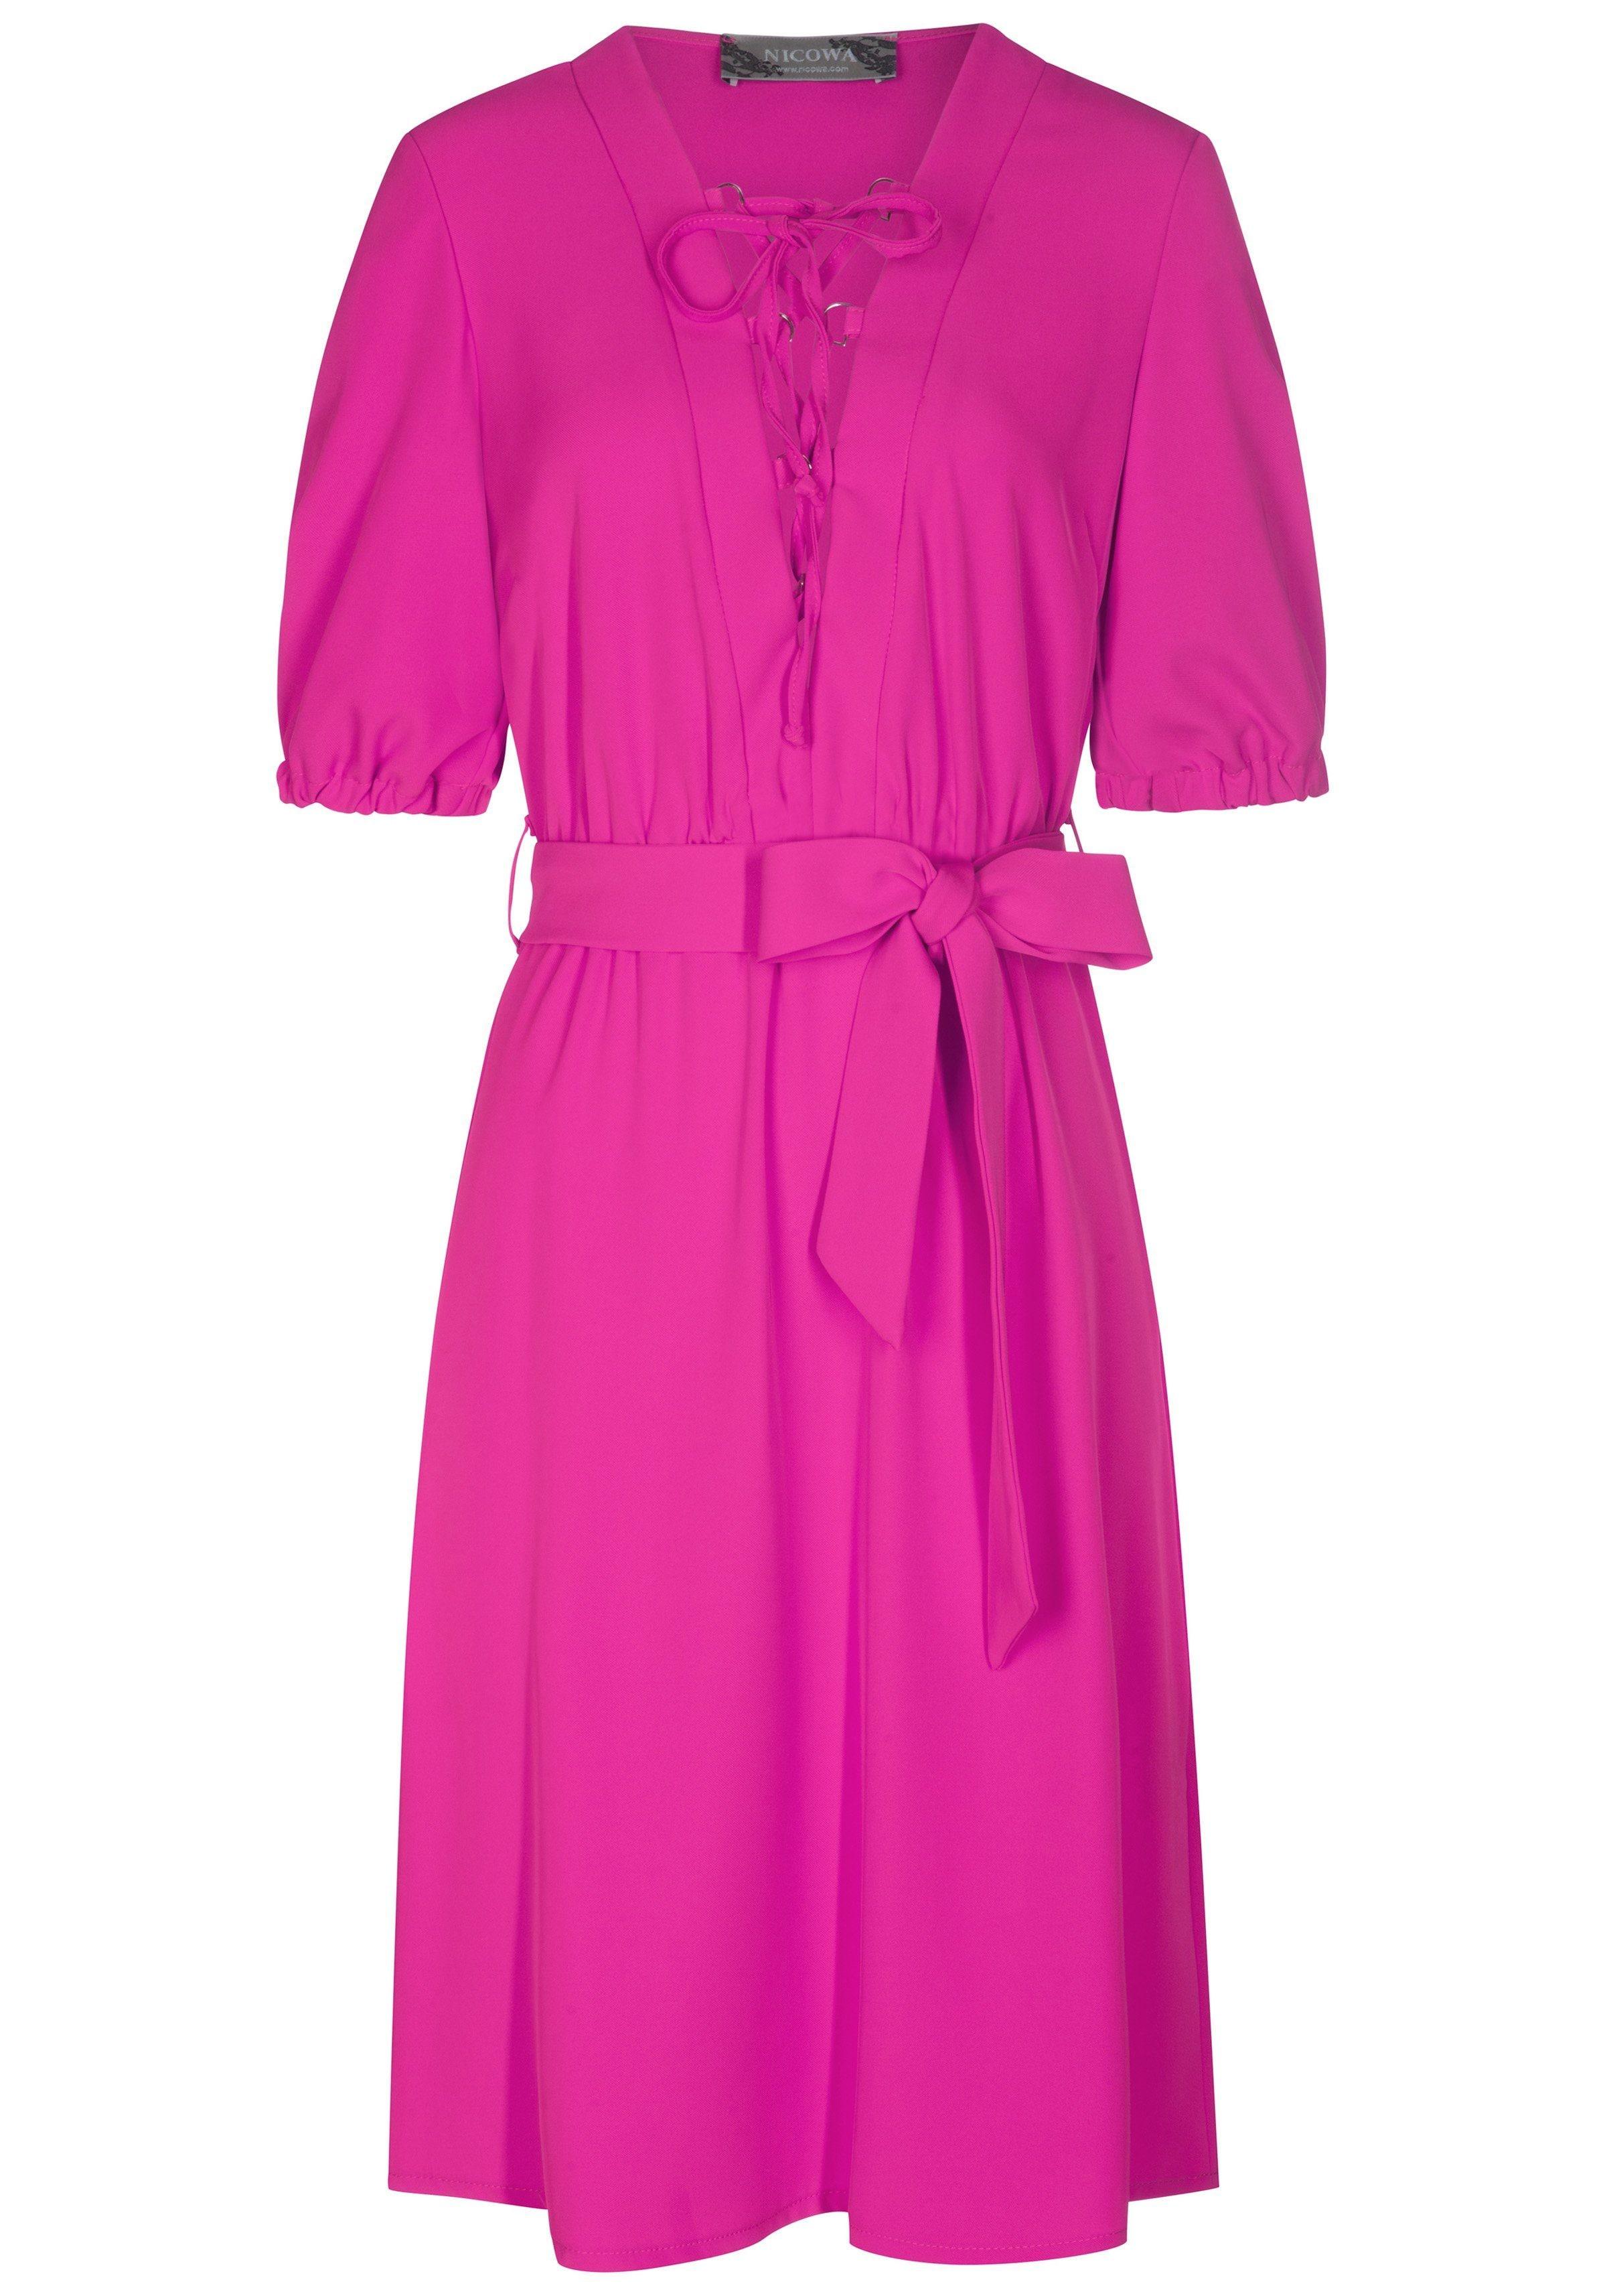 Nicowa Stilvolles Kleid ADA mit modischen Details